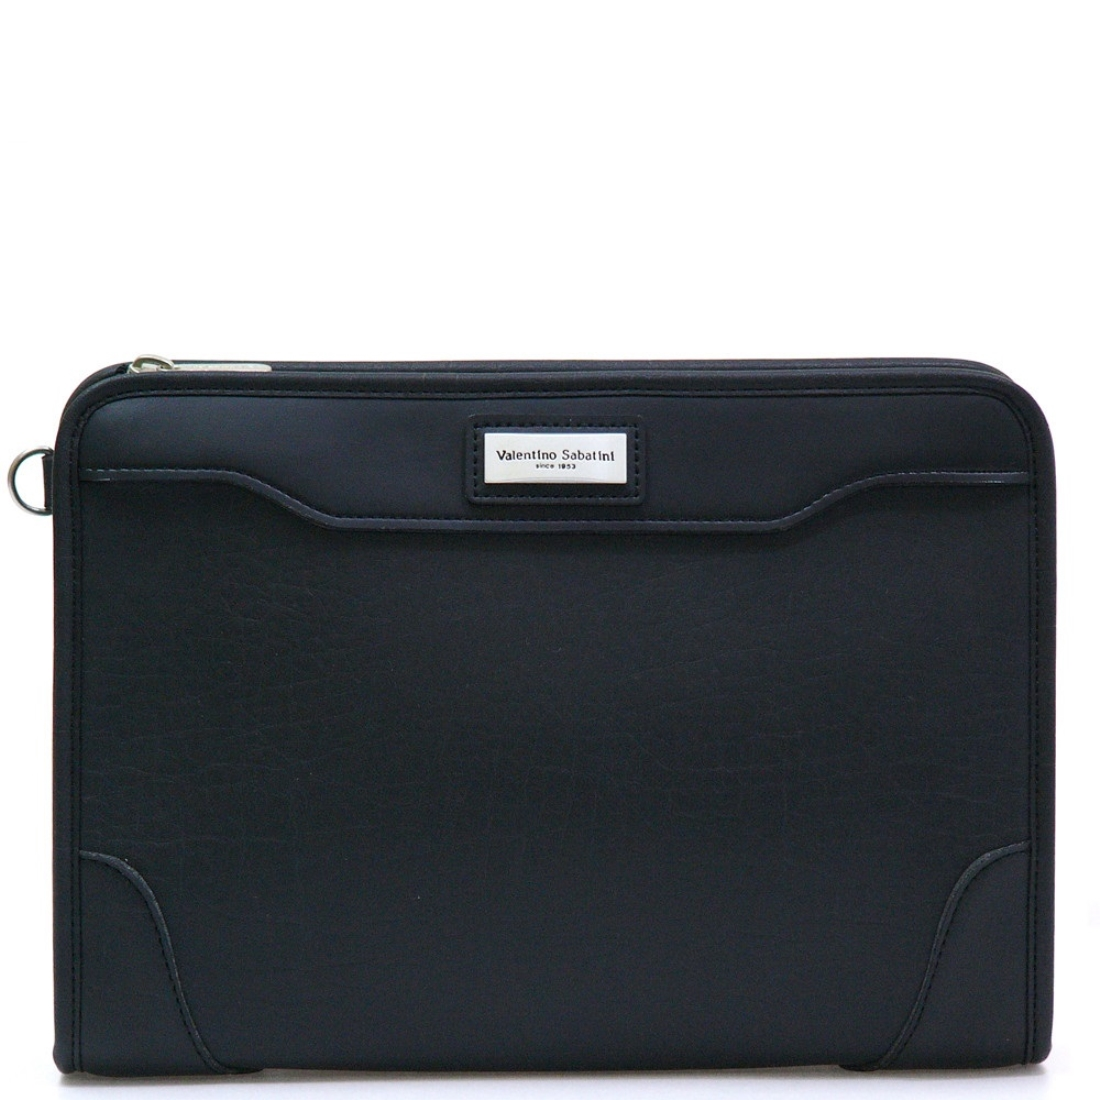 合皮フェイクレザー三角ポーチ ブラック 日本製ポーチ 日本 革 鞄 セカンド バッグ